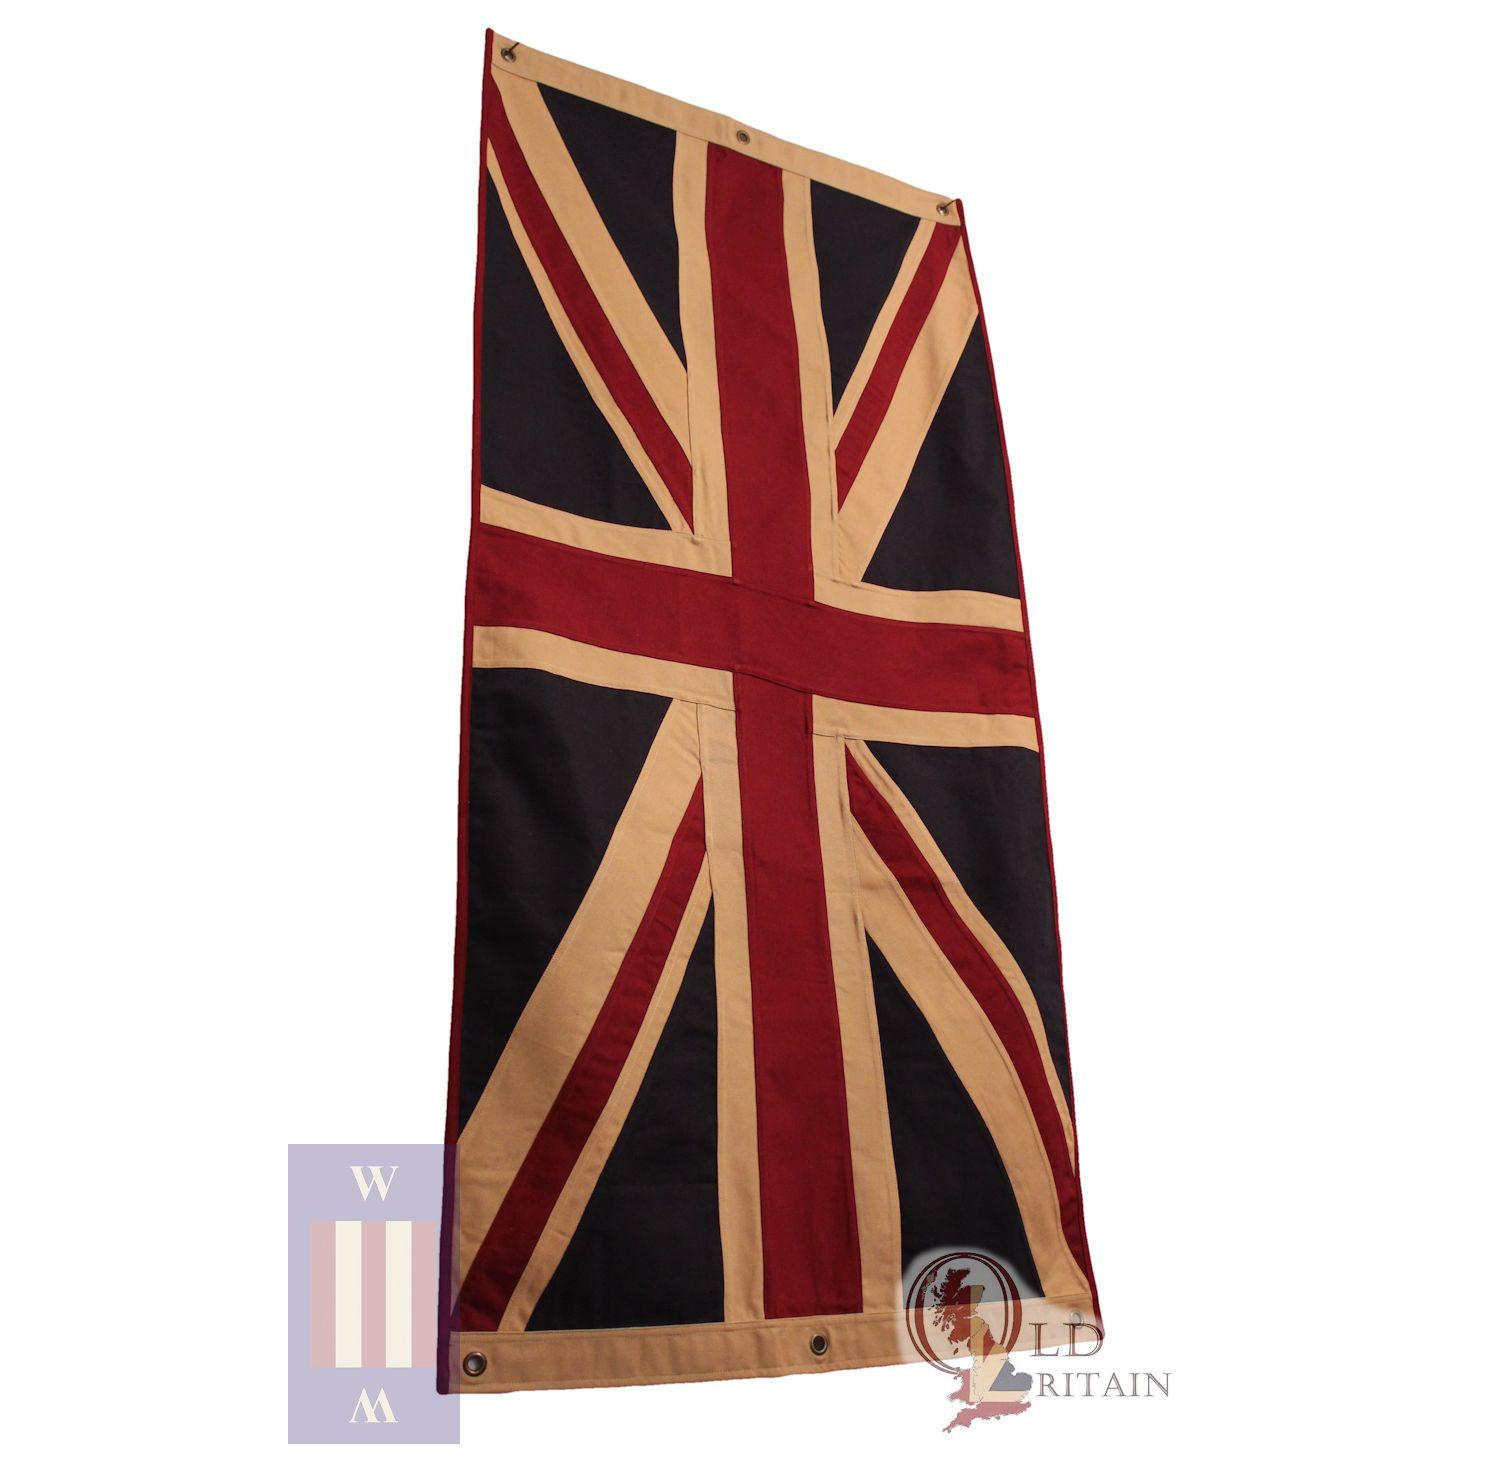 d605ac68dc72 Vintage British / Union Jack Flag - Large Single layer - large uj101eco